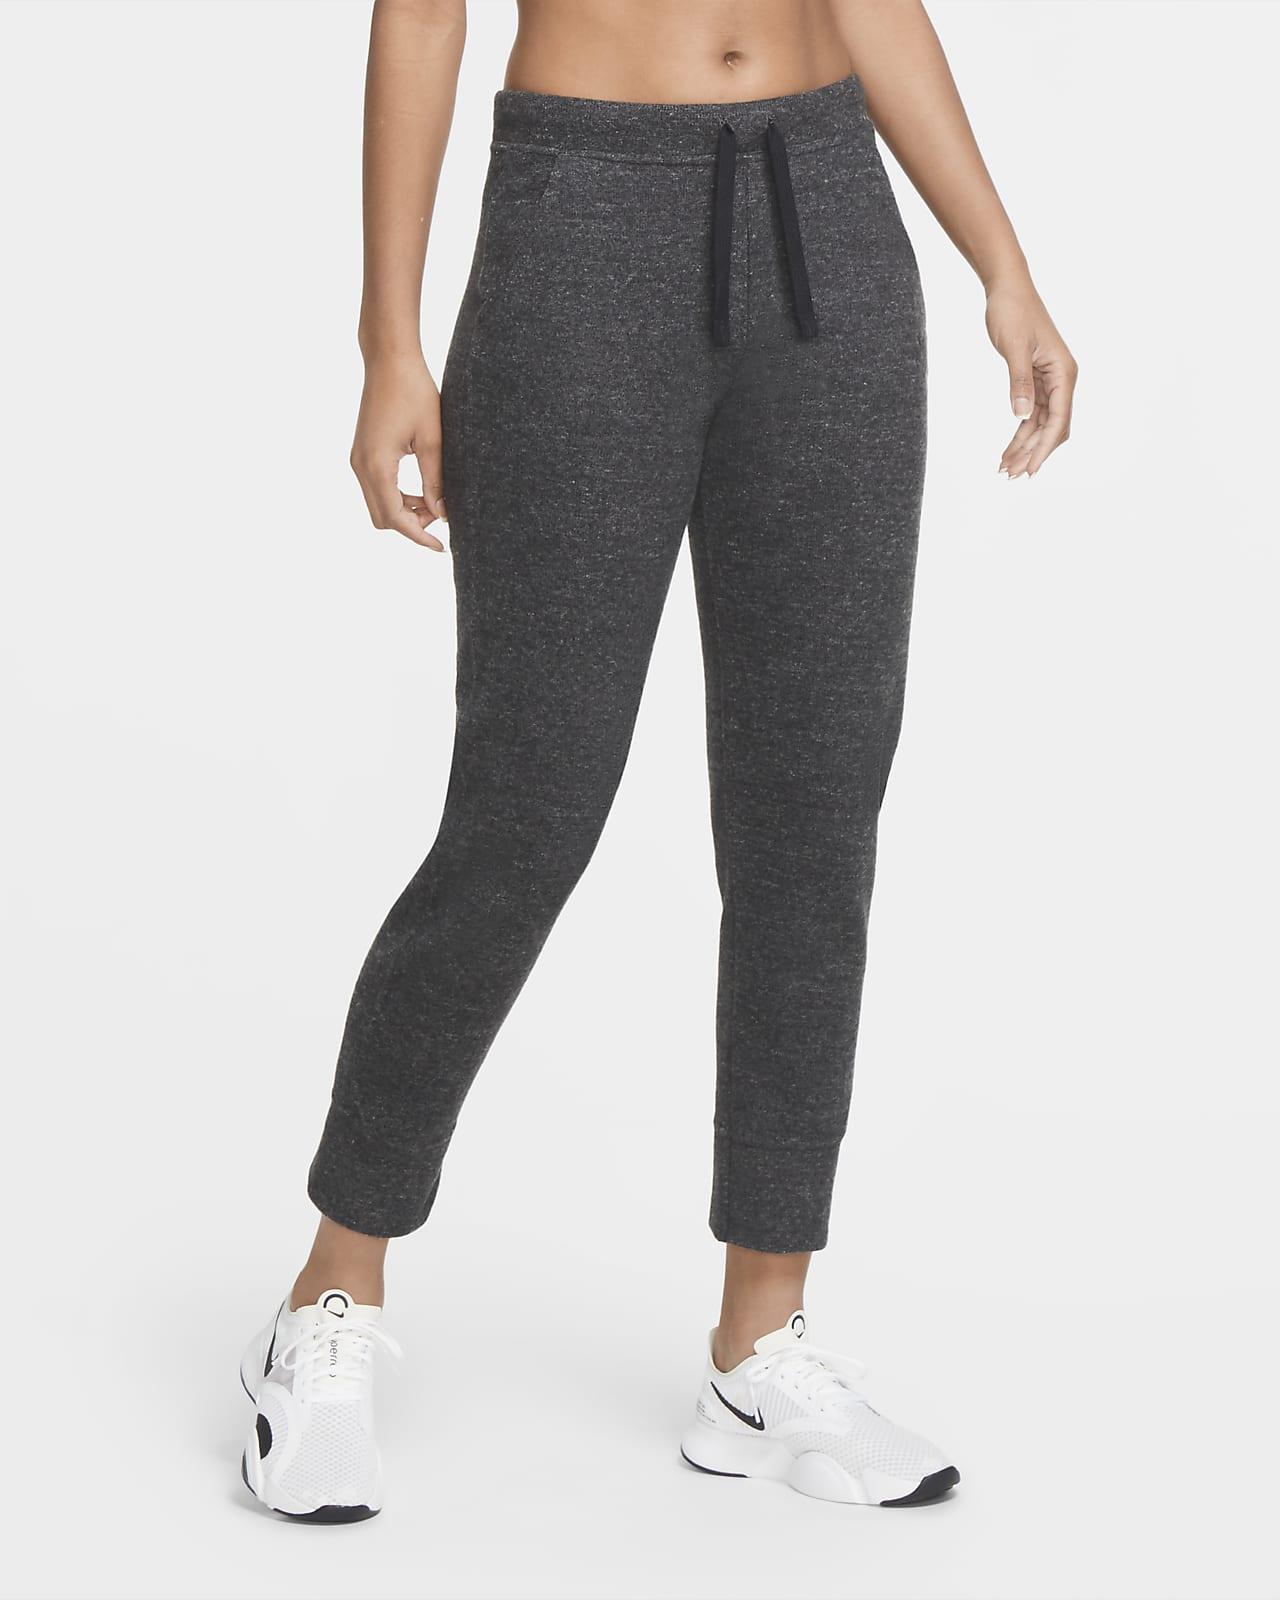 Pantalones De Entrenamiento Entallados De Tejido Fleece Para Mujer Nike Therma Nike Com